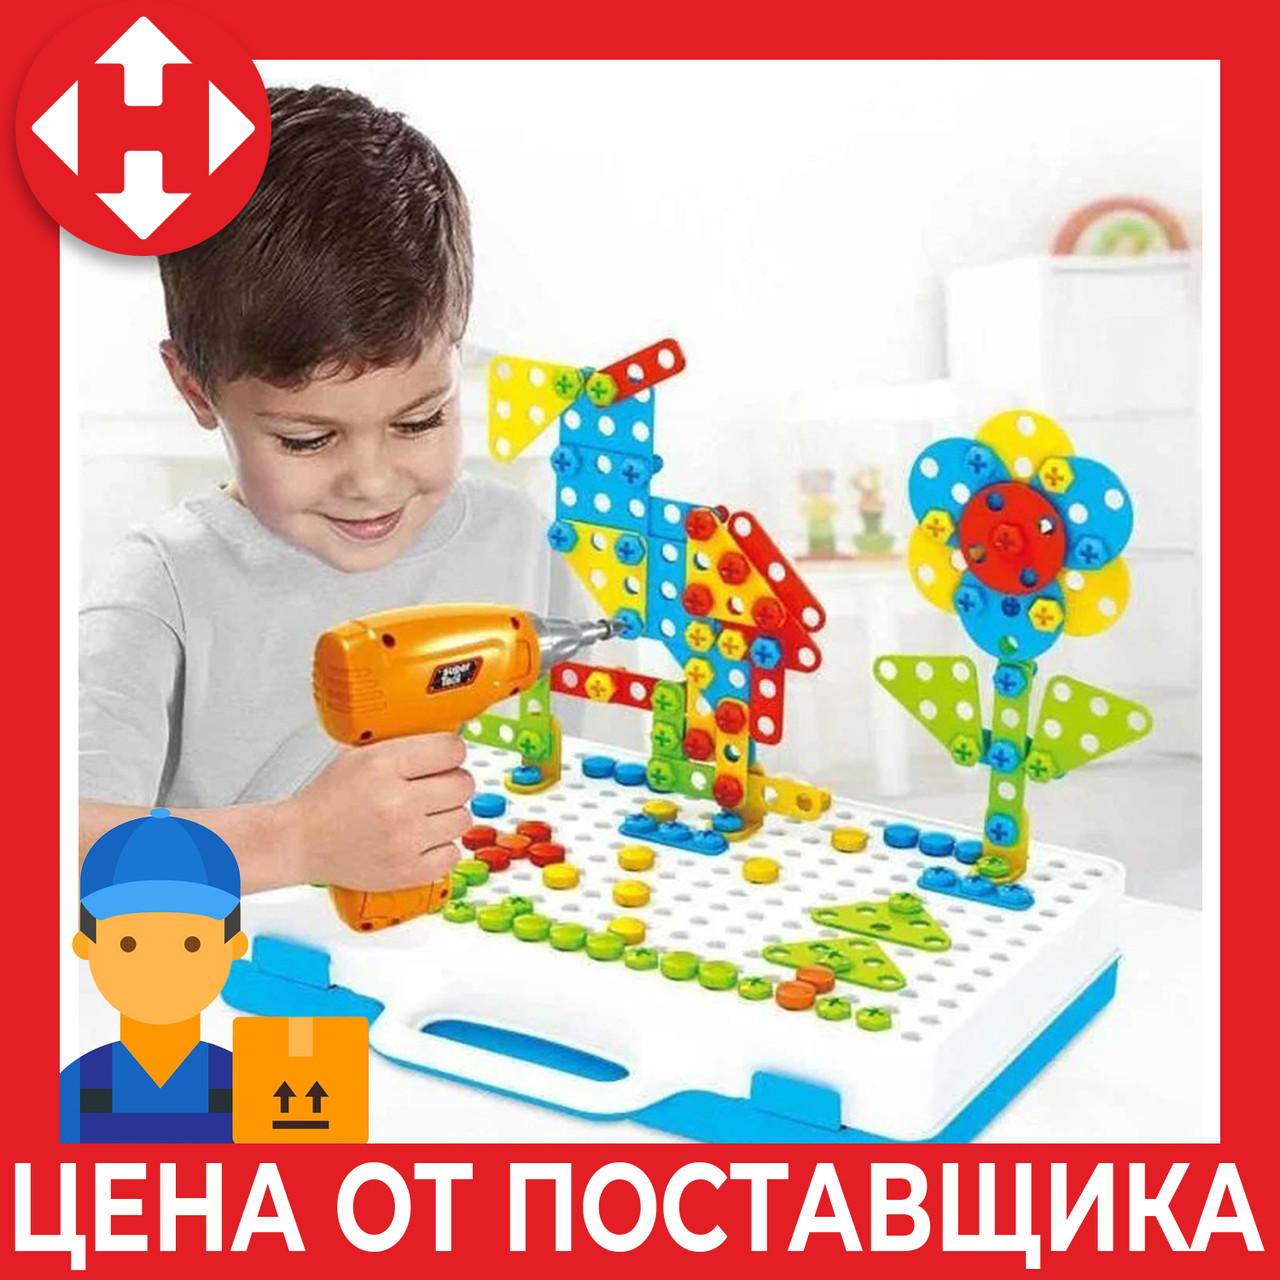 Дитячий пластиковий конструктор для хлопчика (3, 4, 5, 6 років) Puzzle Creative 4in1 з шуруповертом,